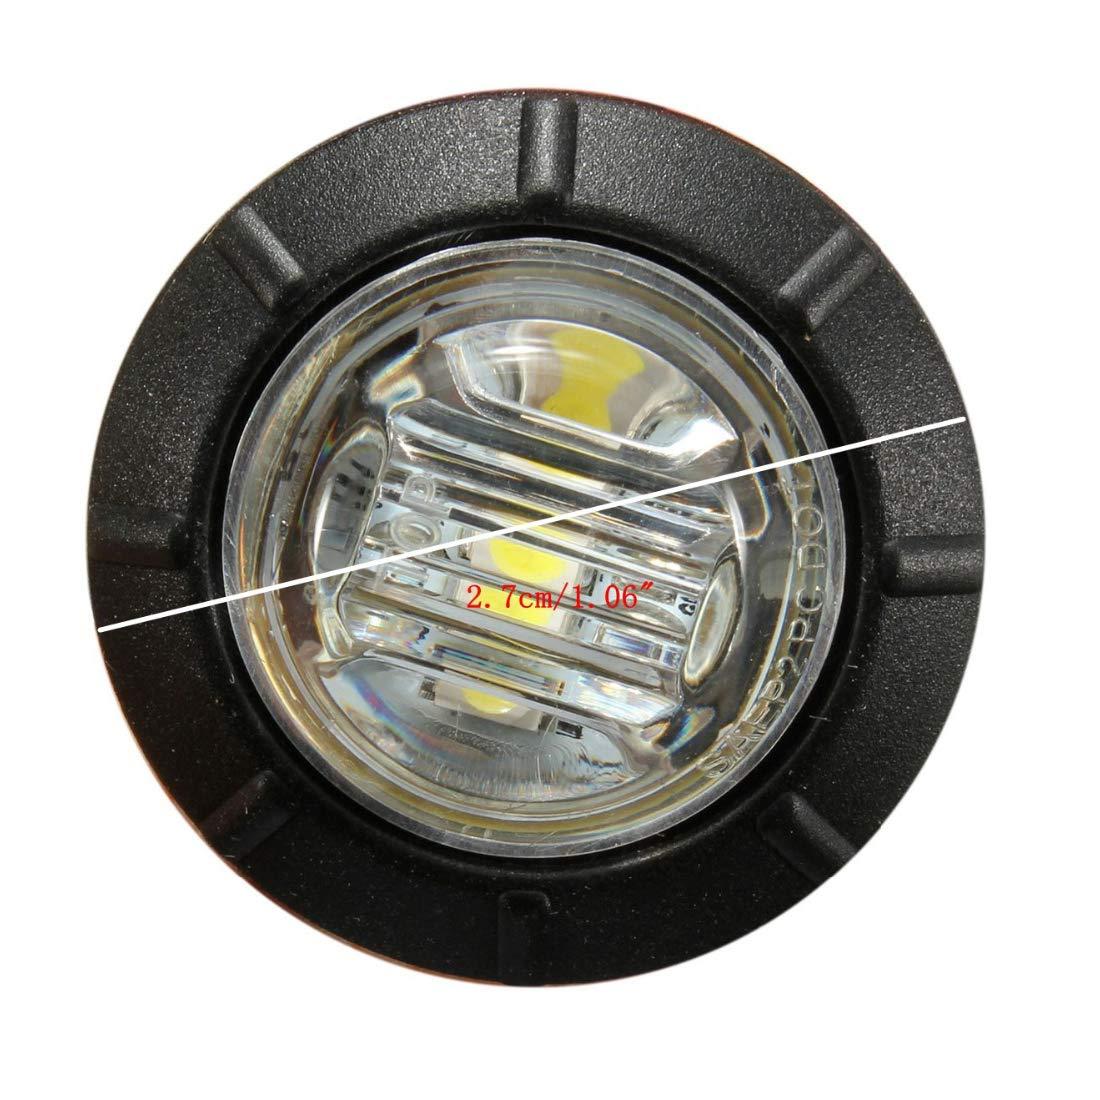 5 Gelb 5 Rot 15pcs 3 LED 3//4 Seitenmarkierungsleuchte Rund Abstand Licht 5 Wei/ß Umrissleuchte Begrenzungsleuchte Positionsleuchte f/ür 12V LKW Anh/änger Bus Van Parkleuchten